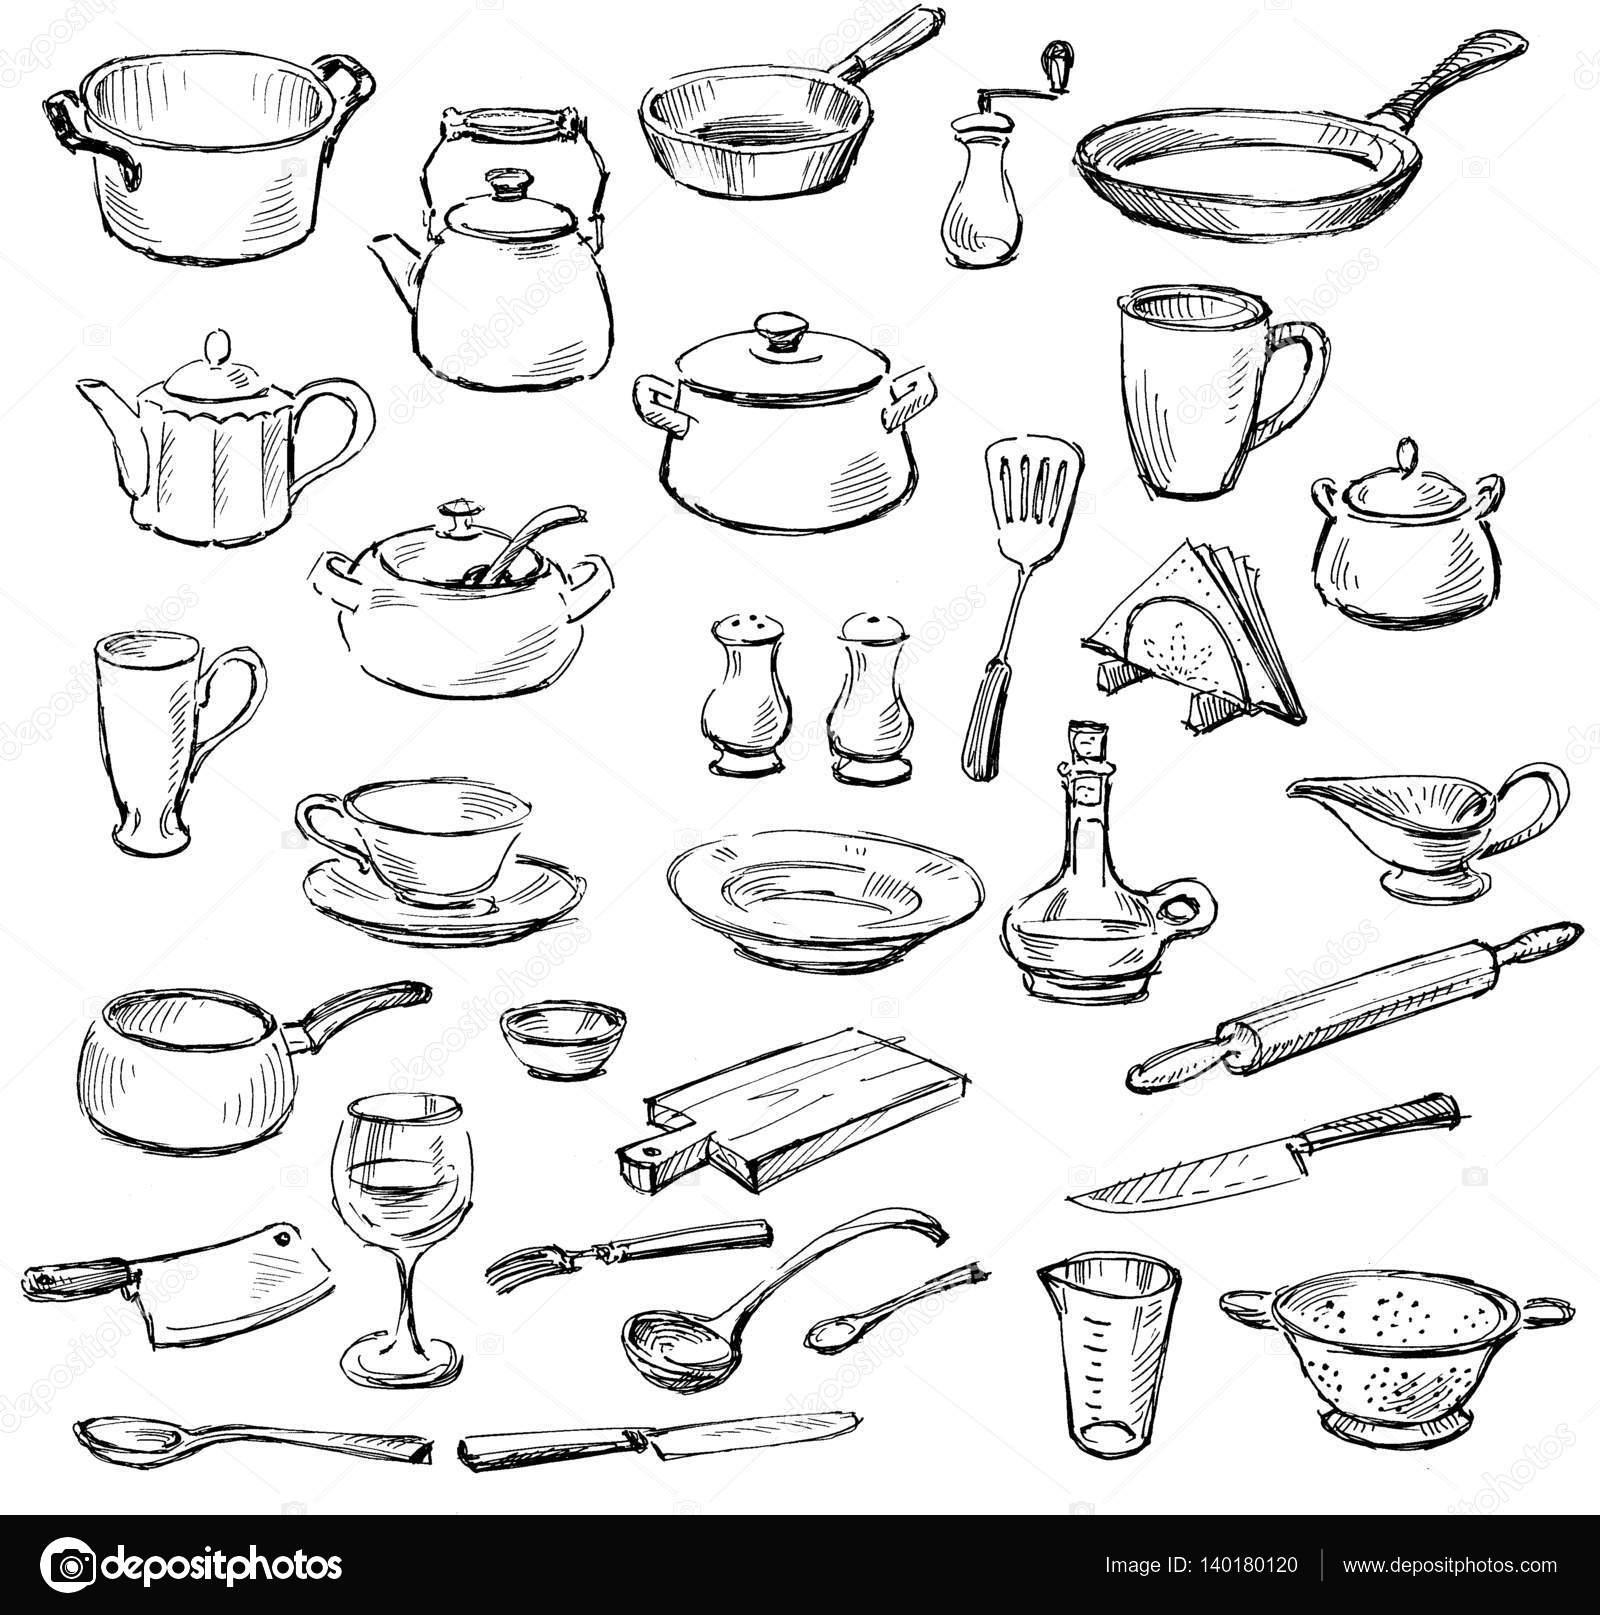 Dibujos Utensilios De Cocina Dibujos De Utensilios De Cocina